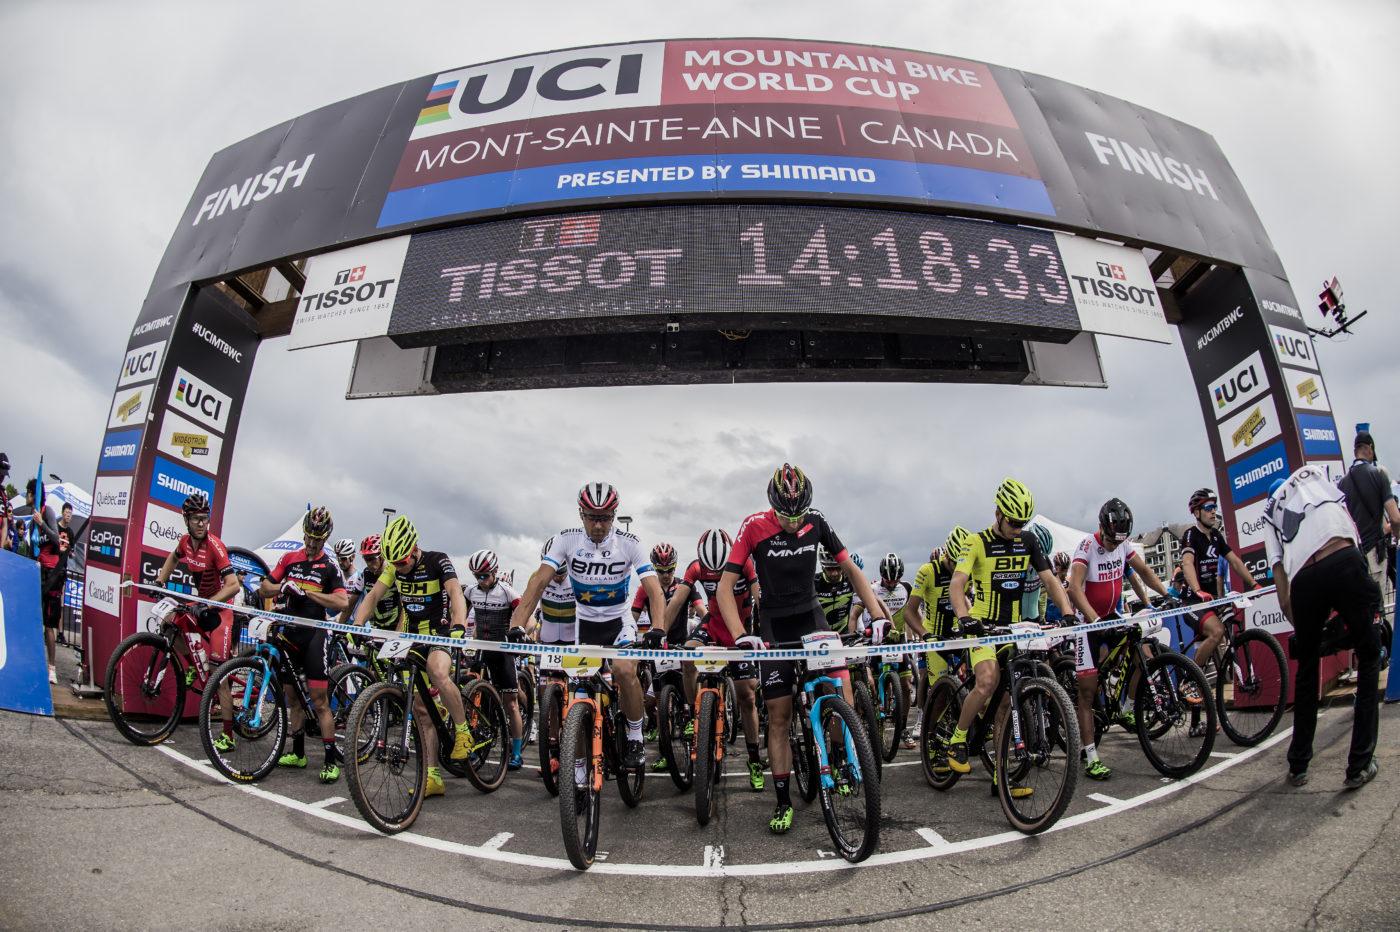 UCI MTB WORLD CUP MONT-SAINTE-ANNE // ABSALON MIT 32. WELTCUPSIEG // PENDREL MIT HEIMSIEG